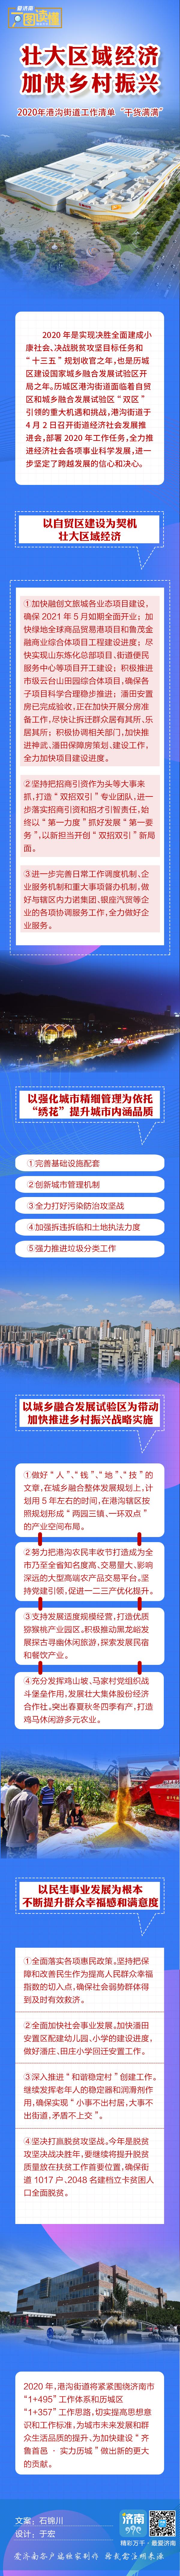 """""""双区""""引领区域经济新动能!2020,港沟街道这样强势崛起"""